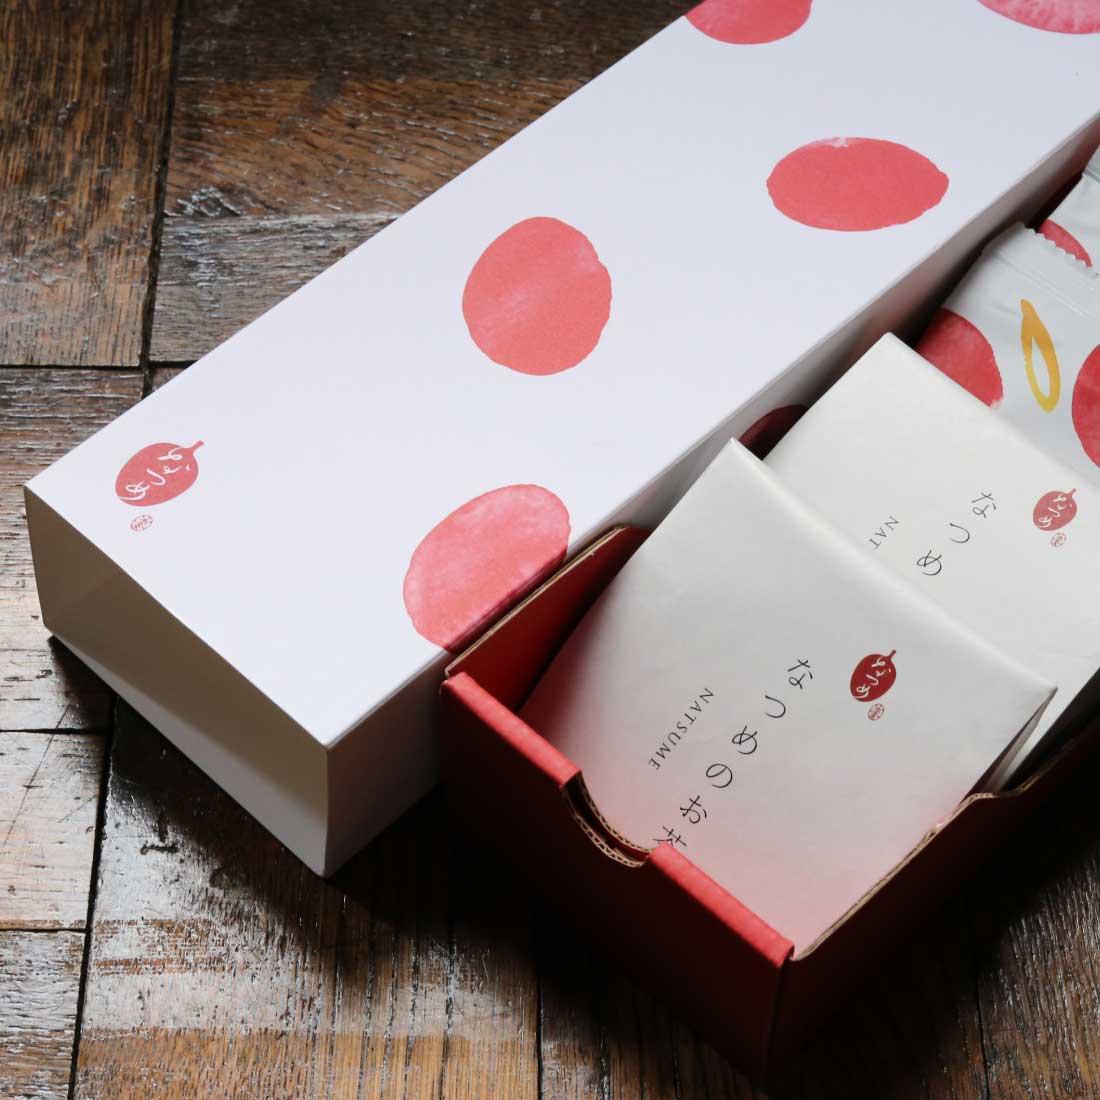 【お茶とチップが楽しめる】なつめチップ12g×6個と なつめのお茶5個×2袋のギフトセット